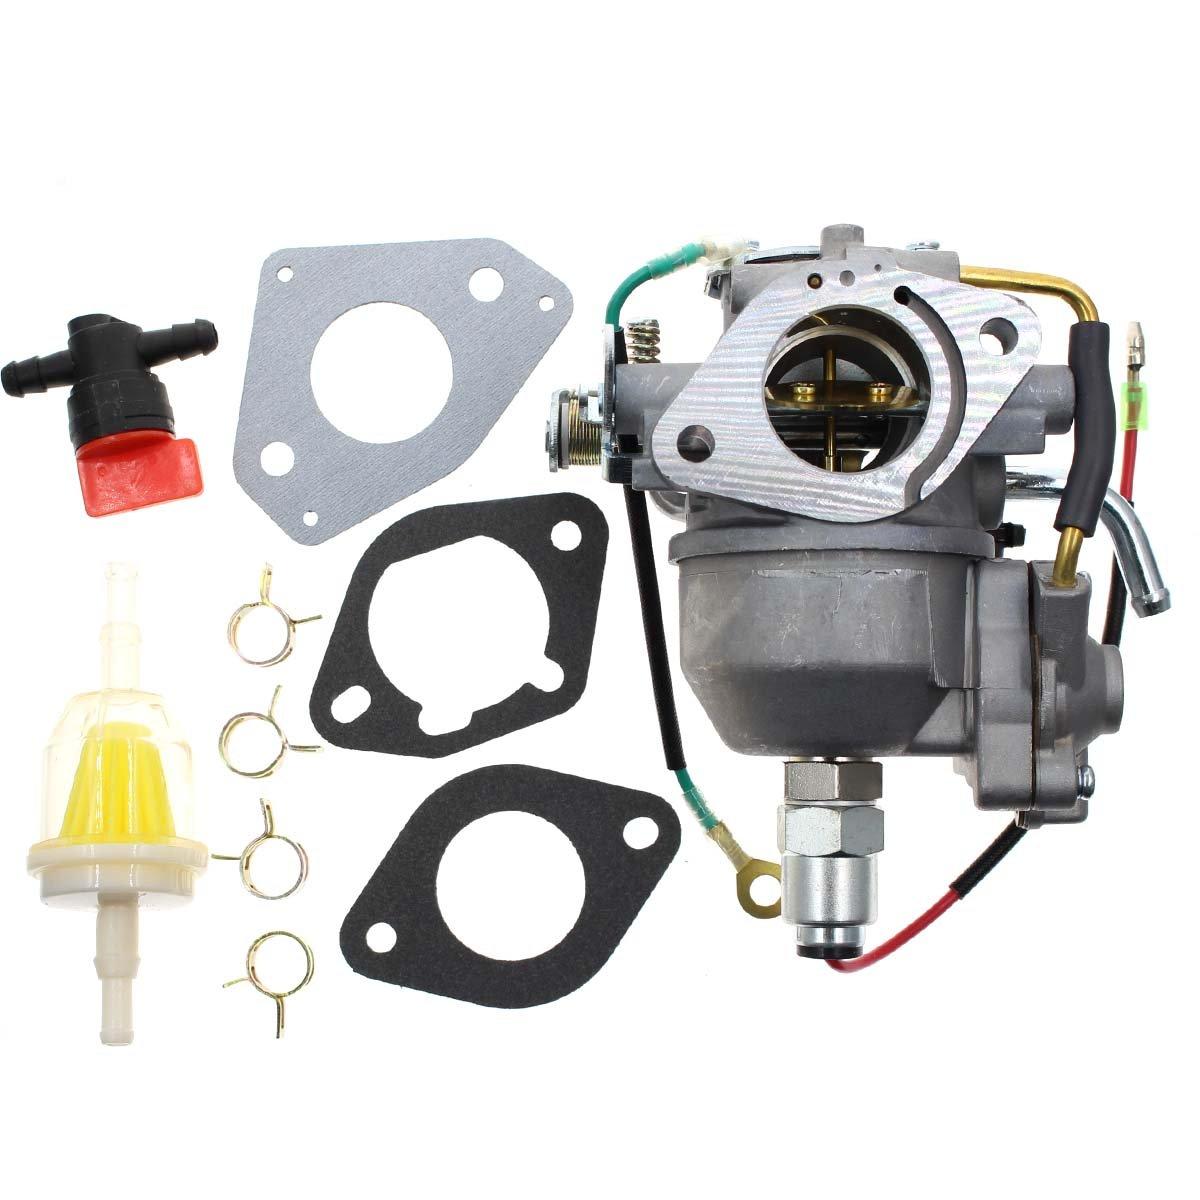 Carbhub Carburetor for Kohler CV730 CV740 25hp 27hp Engine, Replaces Kohler 24853102-S 24-853-102-S Engines for CV730 with Specs: 0039, 0040, 0041, 0042, 0043, 0044, 0045, 0046